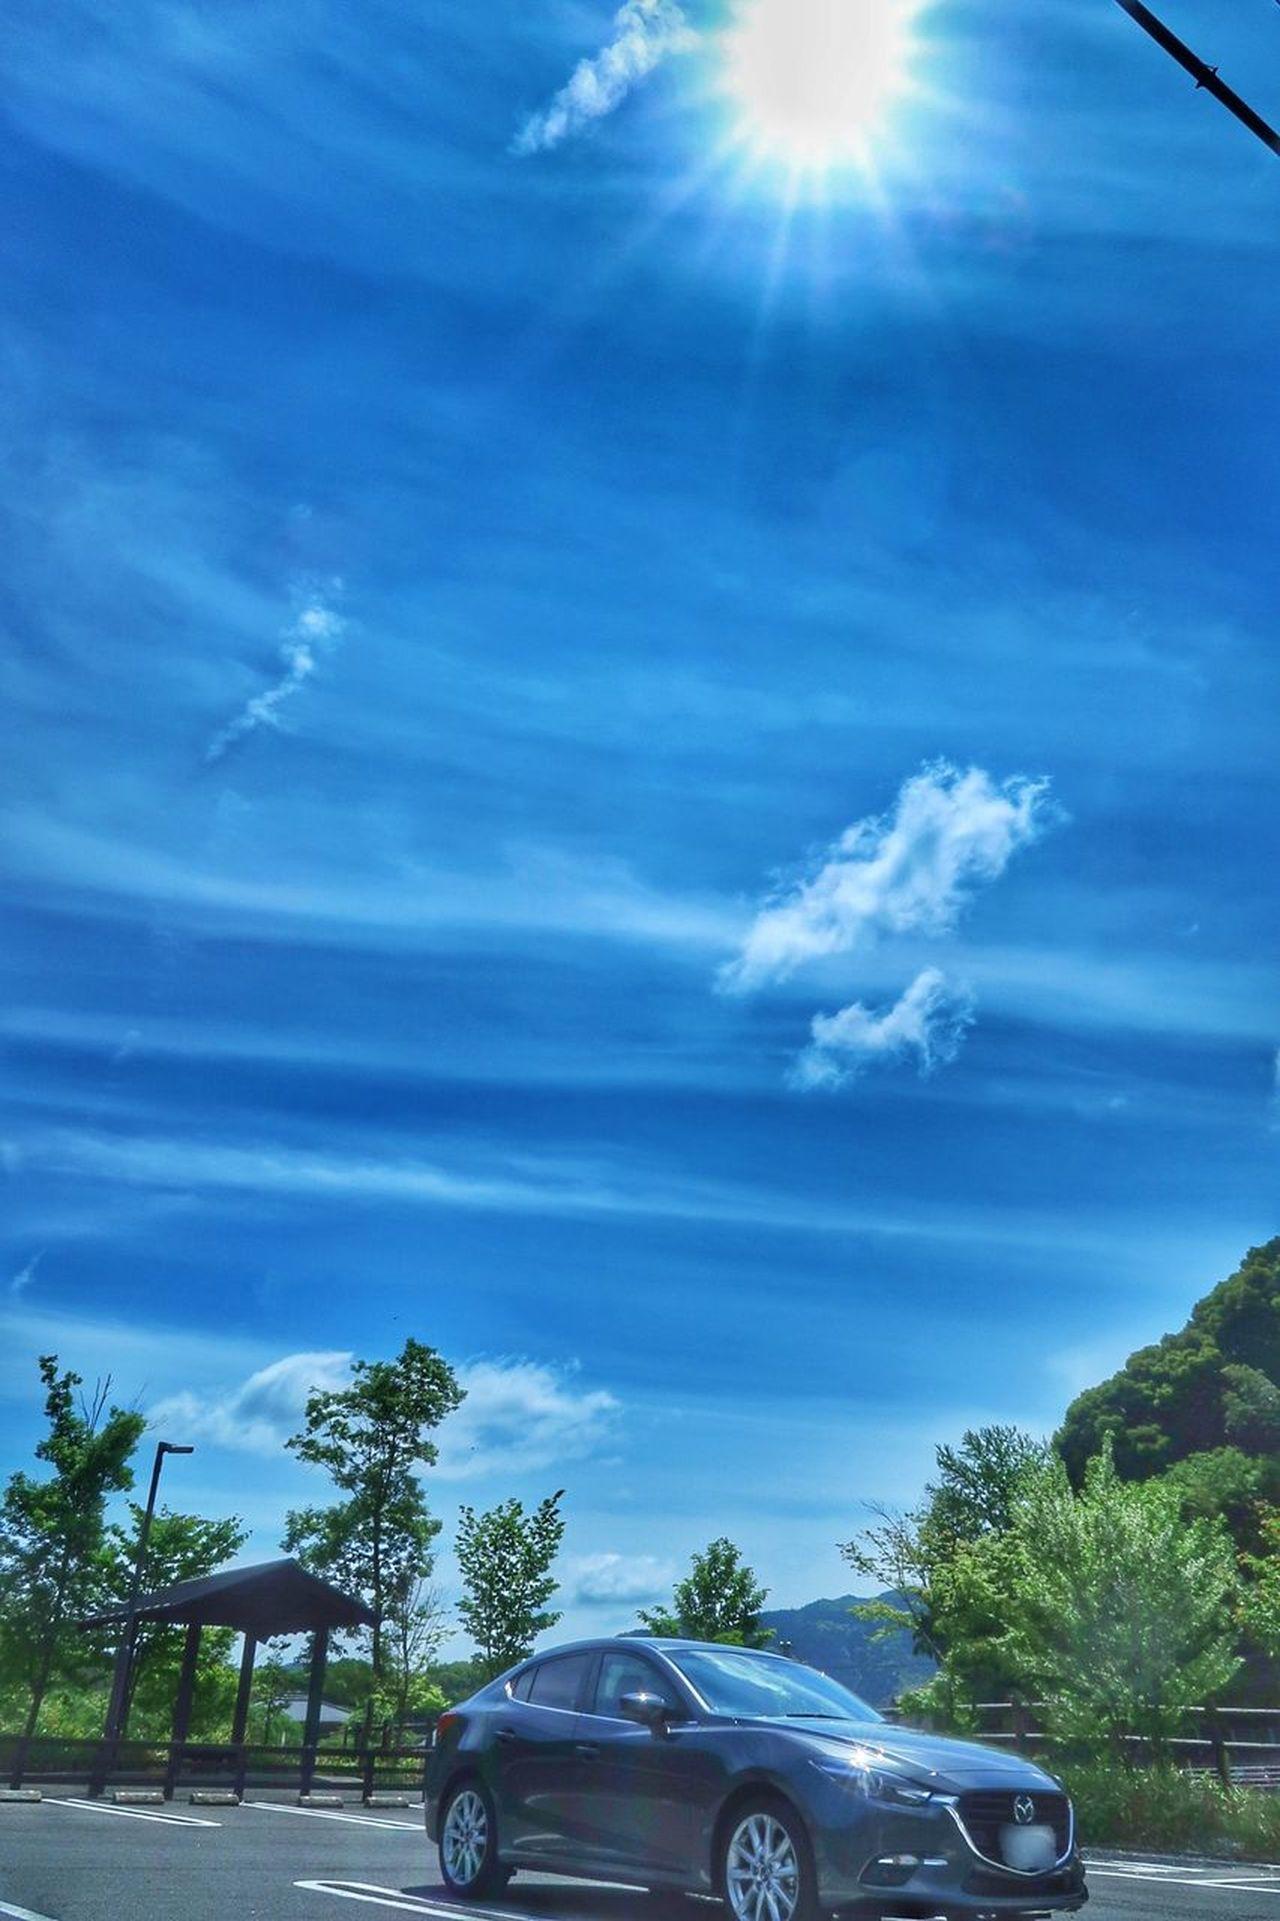 車 青空 いま空 雲 山 森 空 マツダ アクセラ Car Sky Cloud - Sky Tree Sun 太陽 Blue Sunlight Nature Mazda MaZda3 EyeEm Nature Lover EyeEm Best Shots Beauty In Nature Blue Sky 写真好きな人と繋がりたい